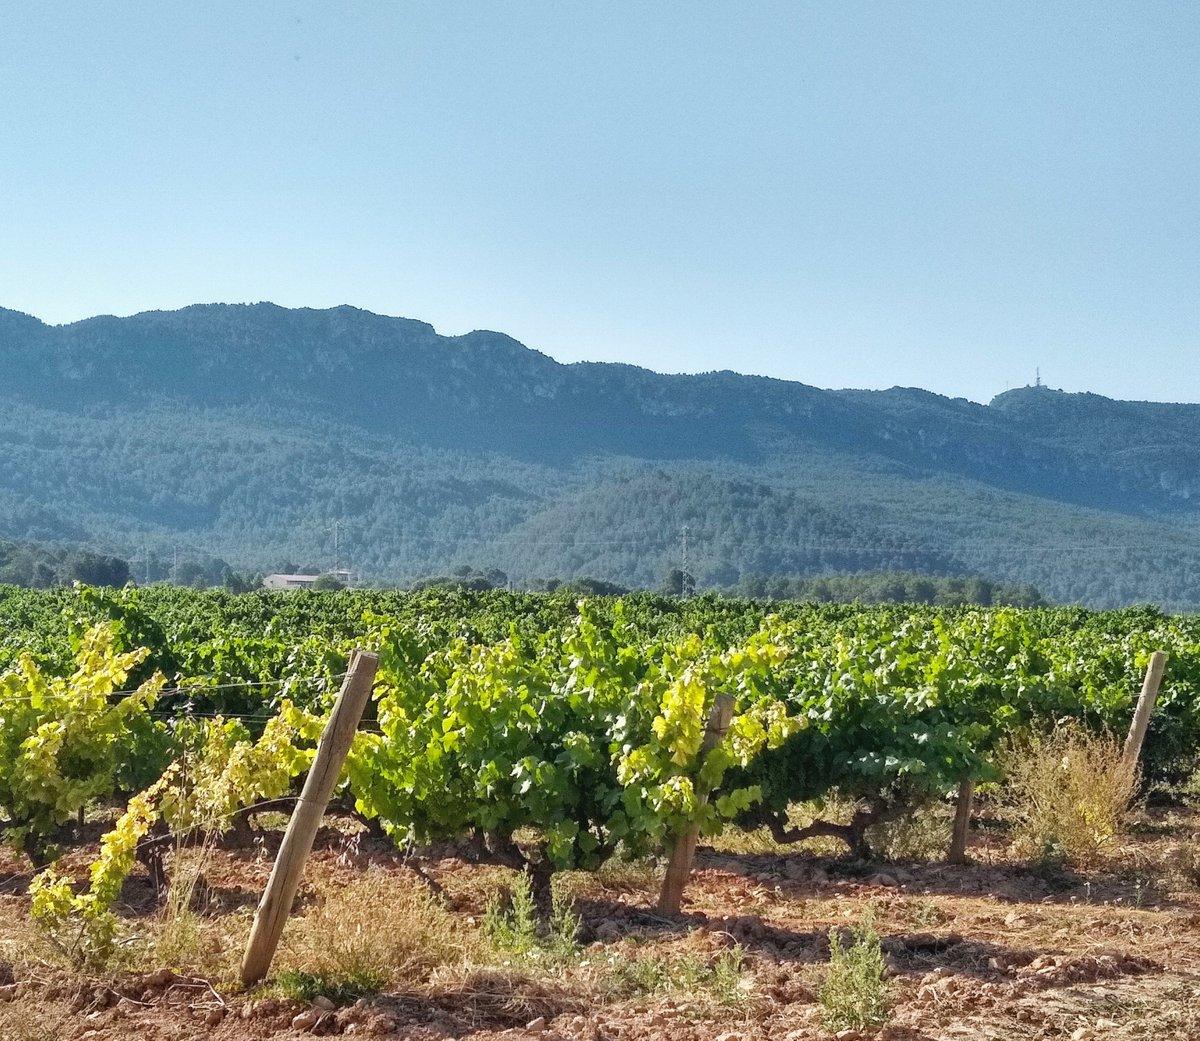 RT @TurMontblanc: Les vinyes ara verdes que dominen el paisatge produiran vins de gran qualitat com els que es poden degustar els #DimecresTapa a #montblancmedieval #VilaAmbCaràcter #AnyTurismeCultural #somgastronomia